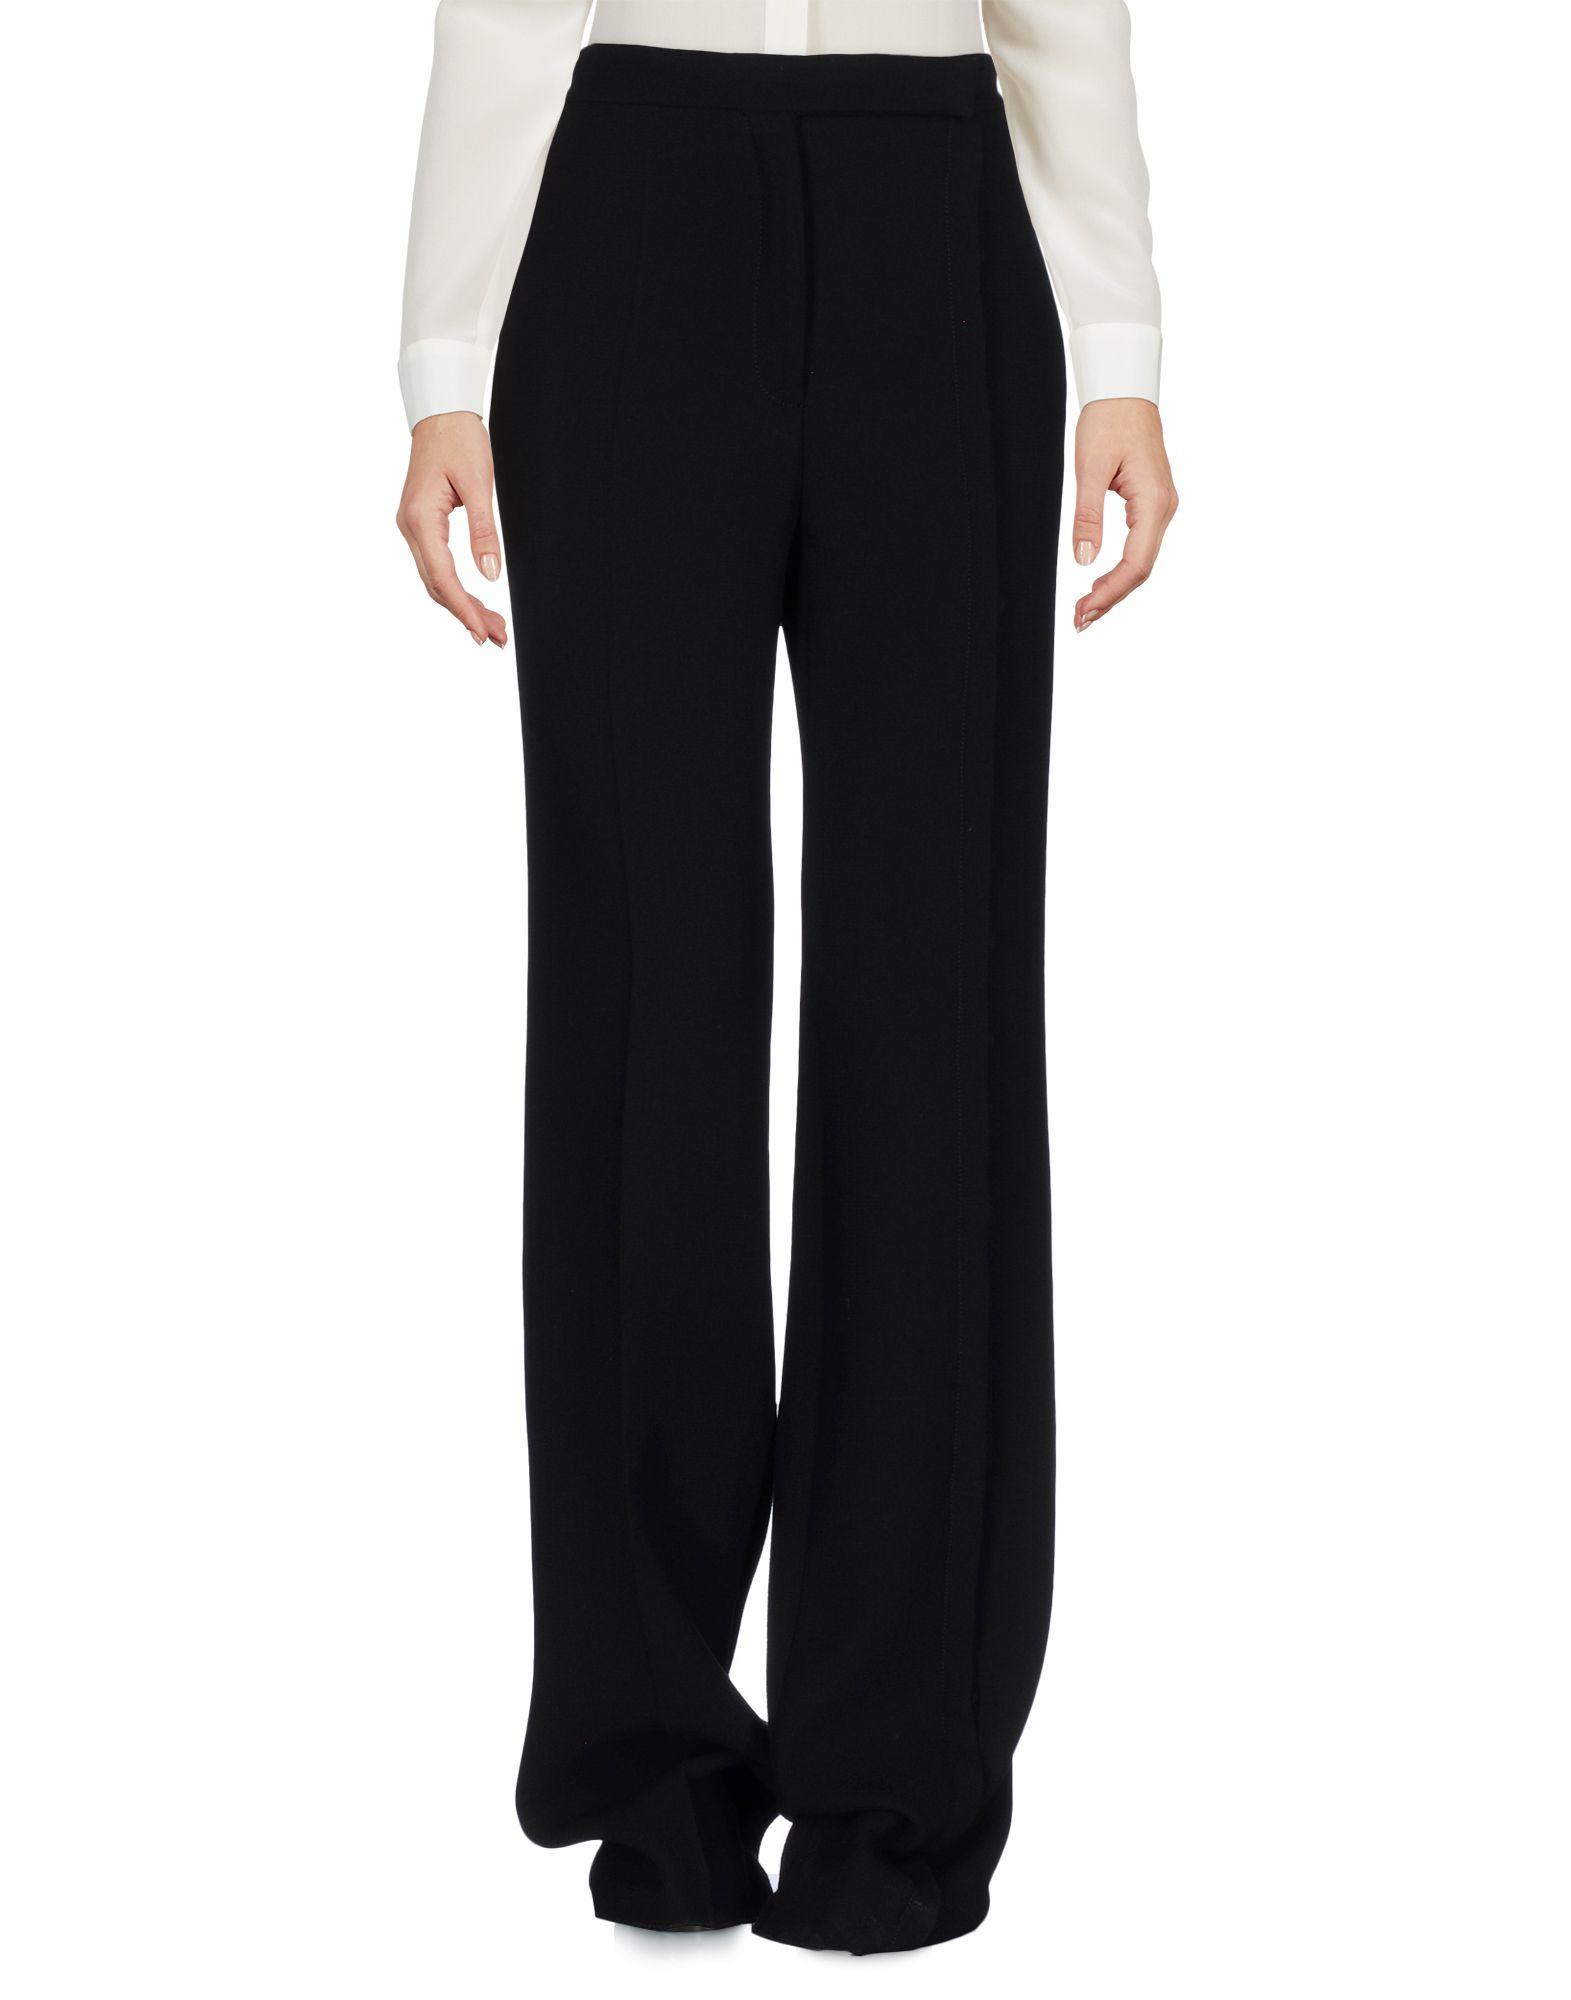 Pantalone Marco De Vincenzo Donna - Acquista online su LV10DO7WQ